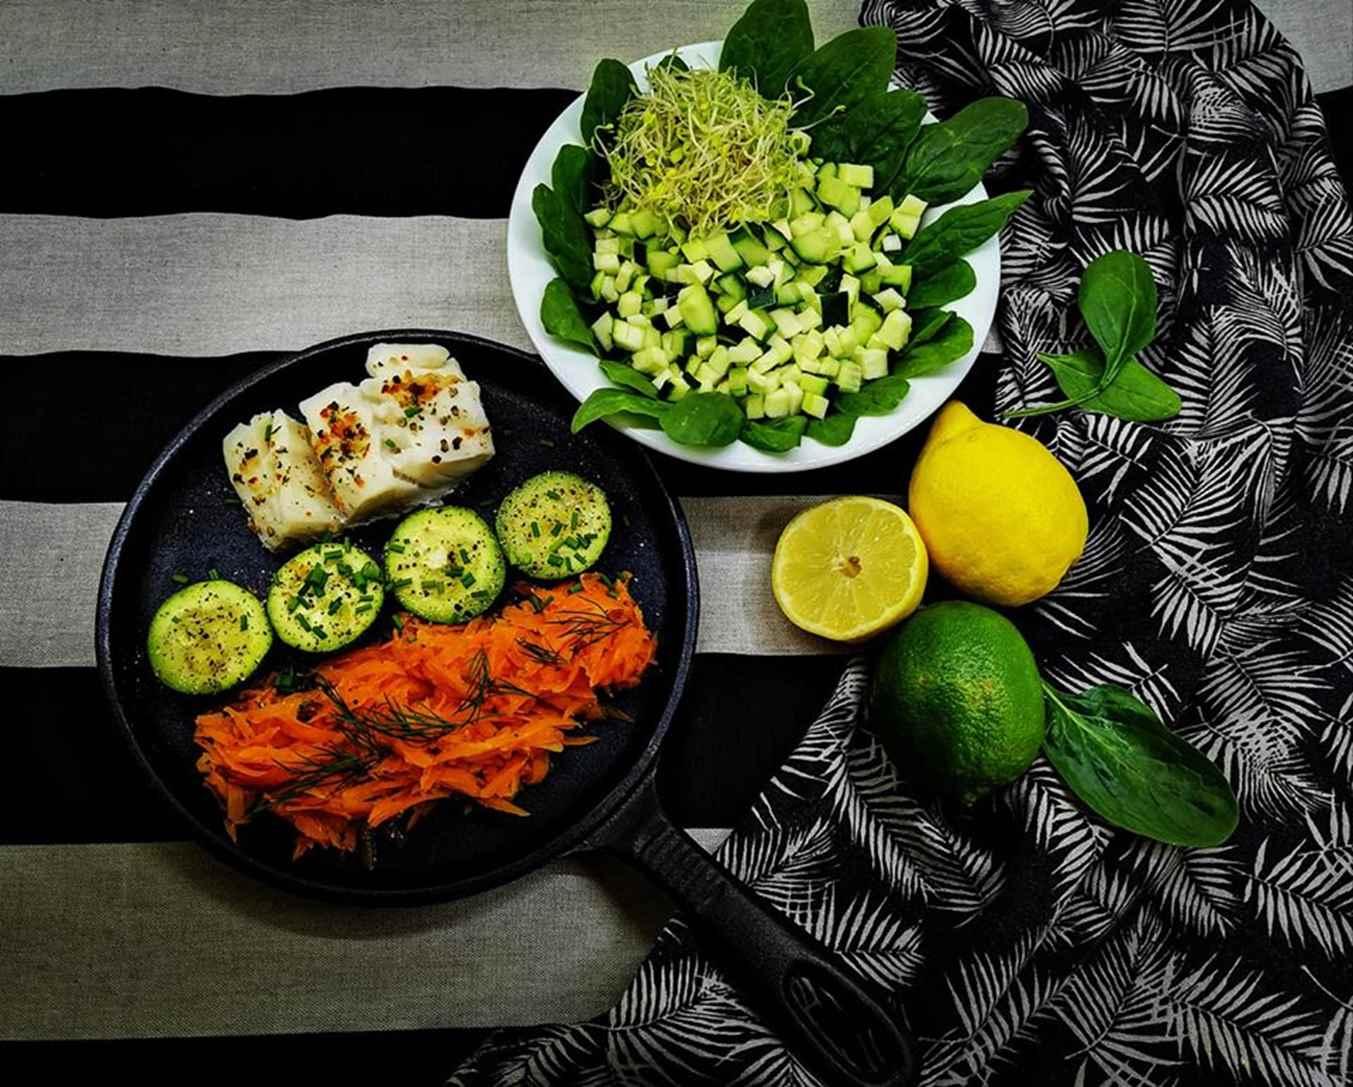 Balta žuvis su įvairių pipirų mišiniu su cukinija ir morkomis, kepta keptuvėje